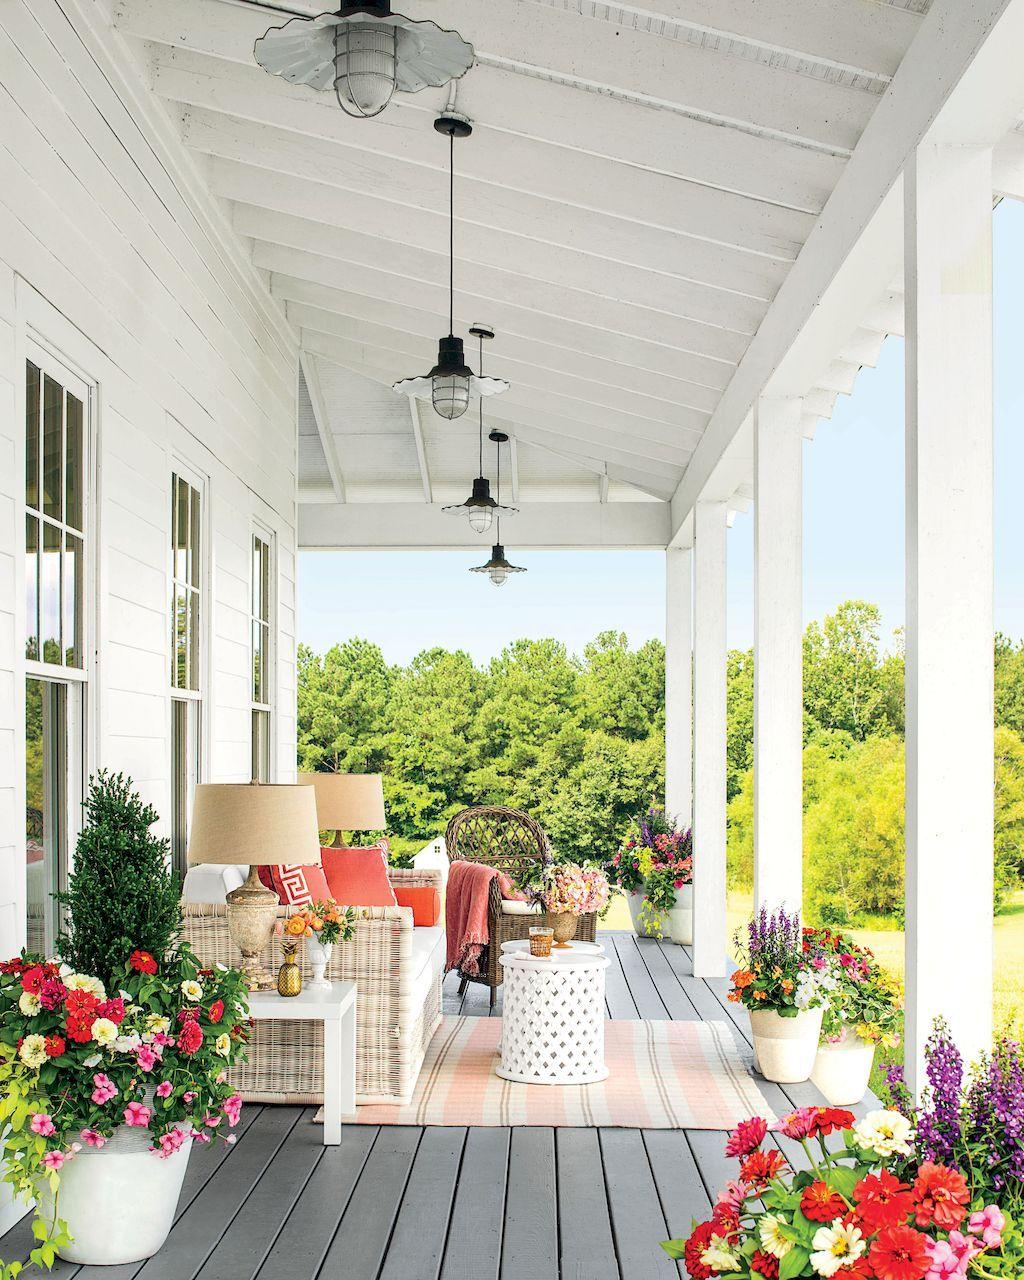 Front Porch Ceiling Ideas: 110 Best Farmhouse Porch Decor Ideas